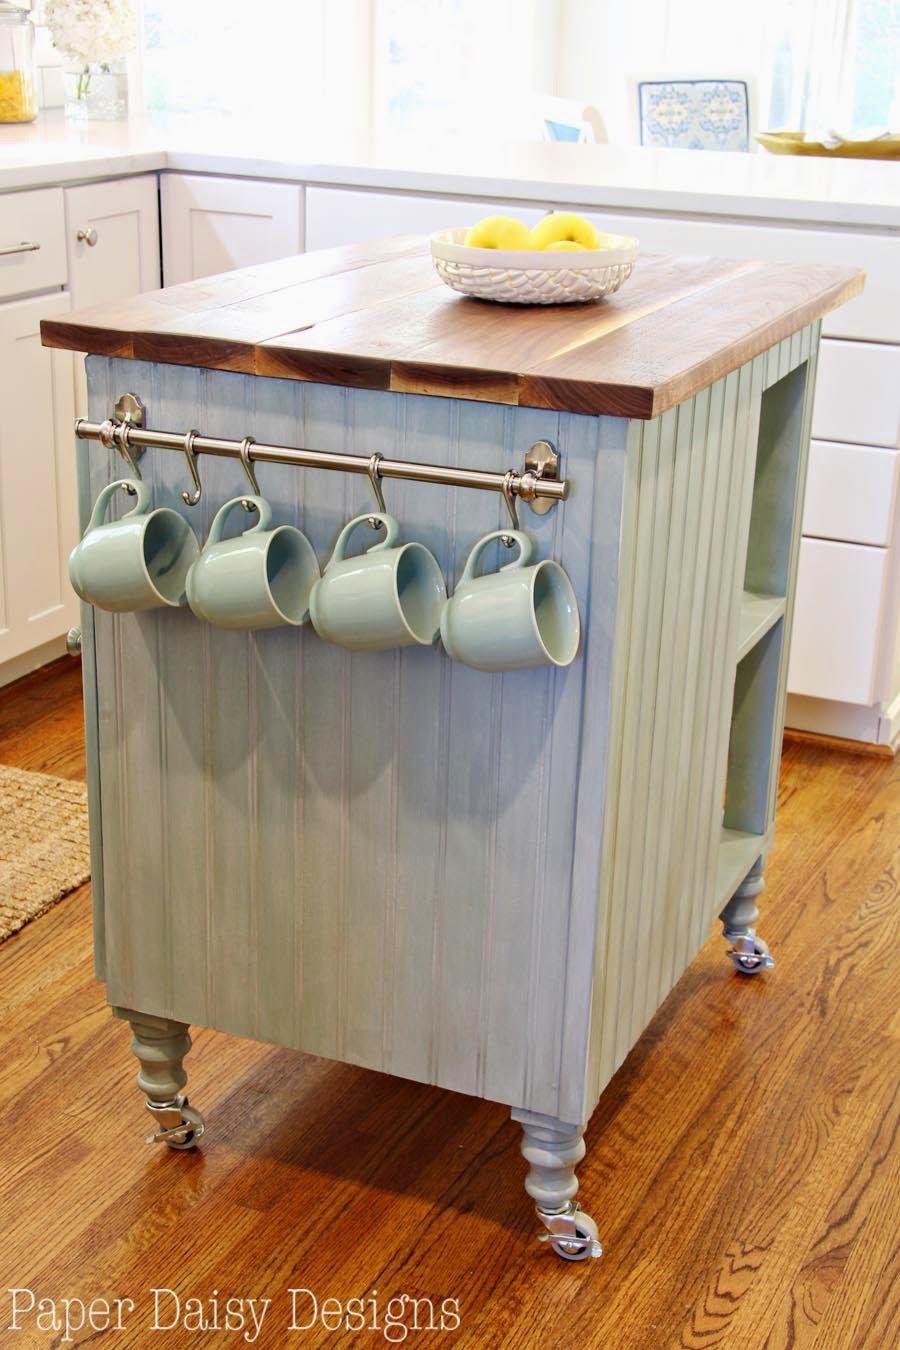 Paper Daisy Designs Diy Kitchen Island Cart Kitchen Island Cart